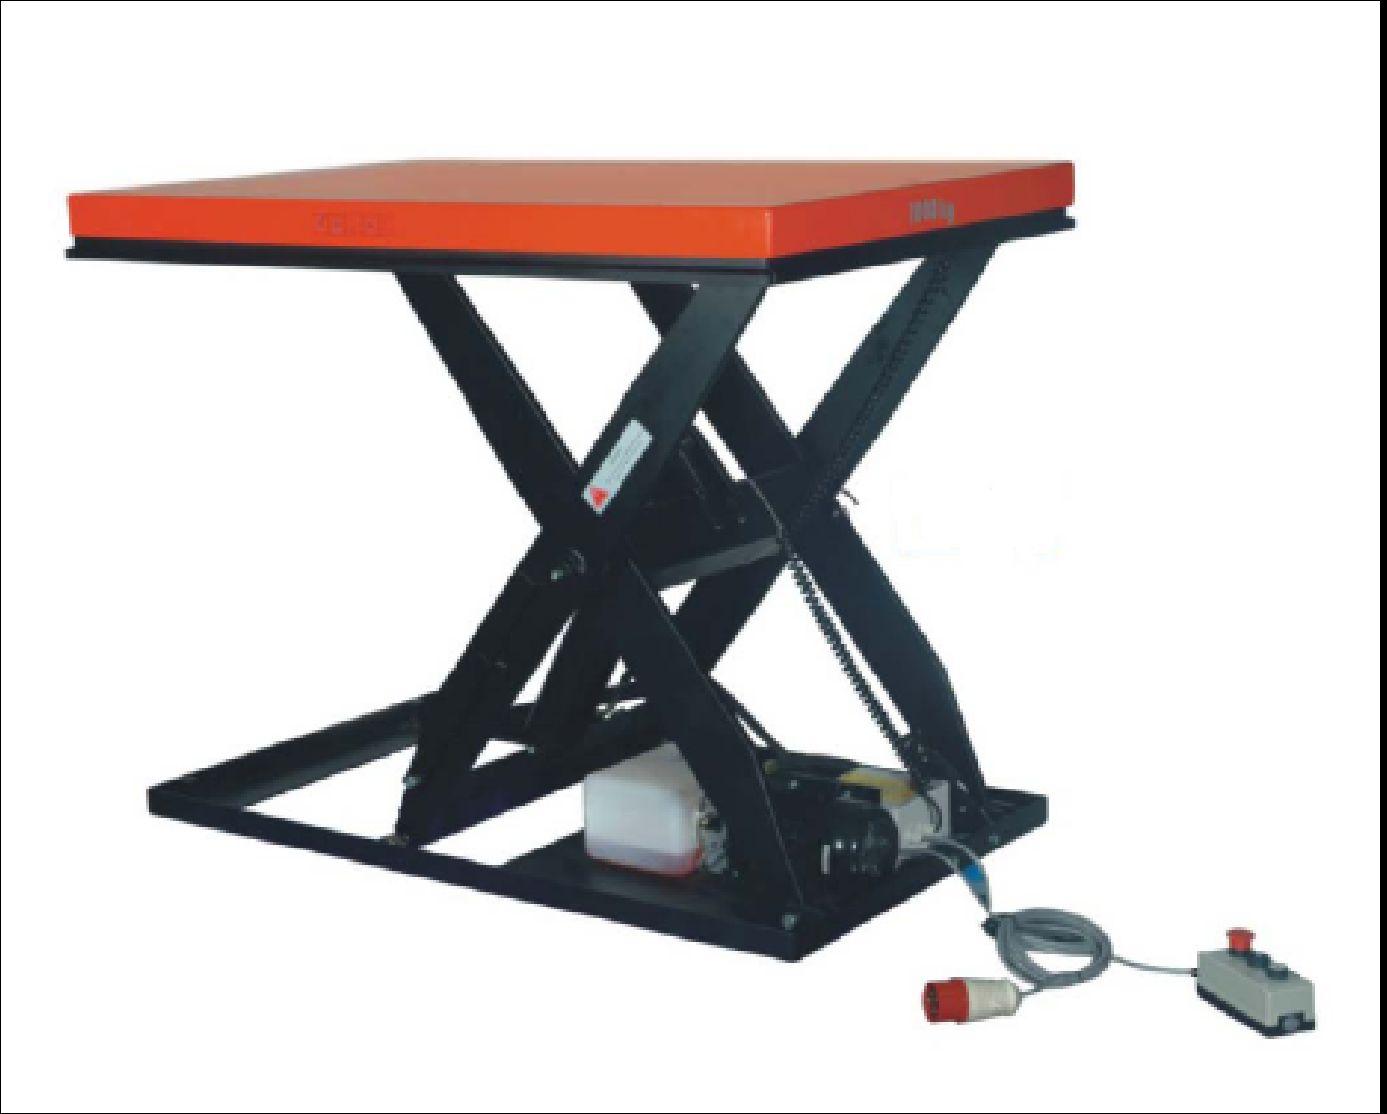 gebrauchte Werkstatteinrichtung / Betriebsausstattung Hubtische UWM UWM 1000